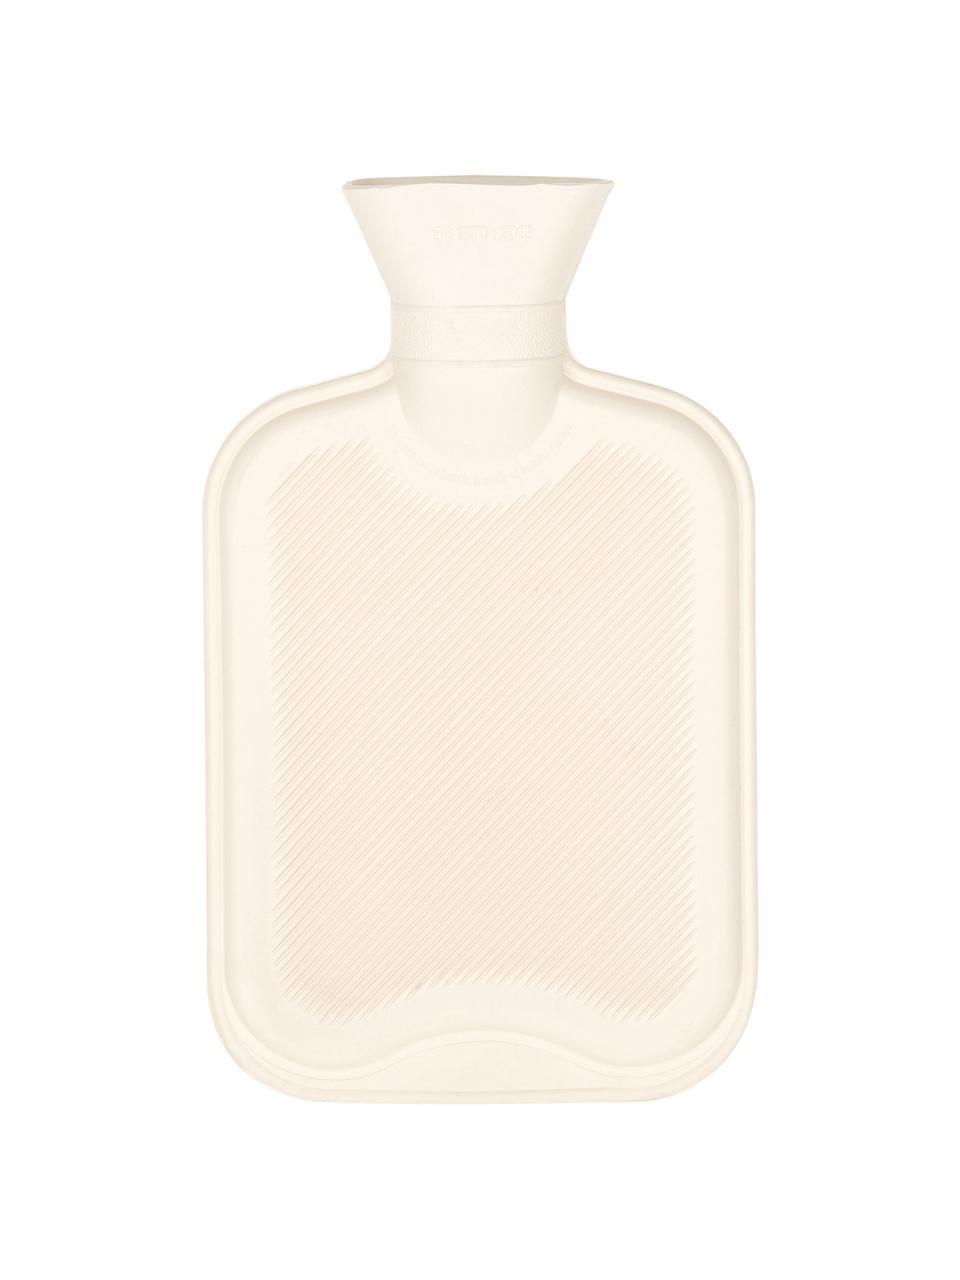 Kašmírová ohřívací láhev Florentina, Potah: krémově bílá Dekorativní mašle: béžová Ohřívací láhev: krémově bílá